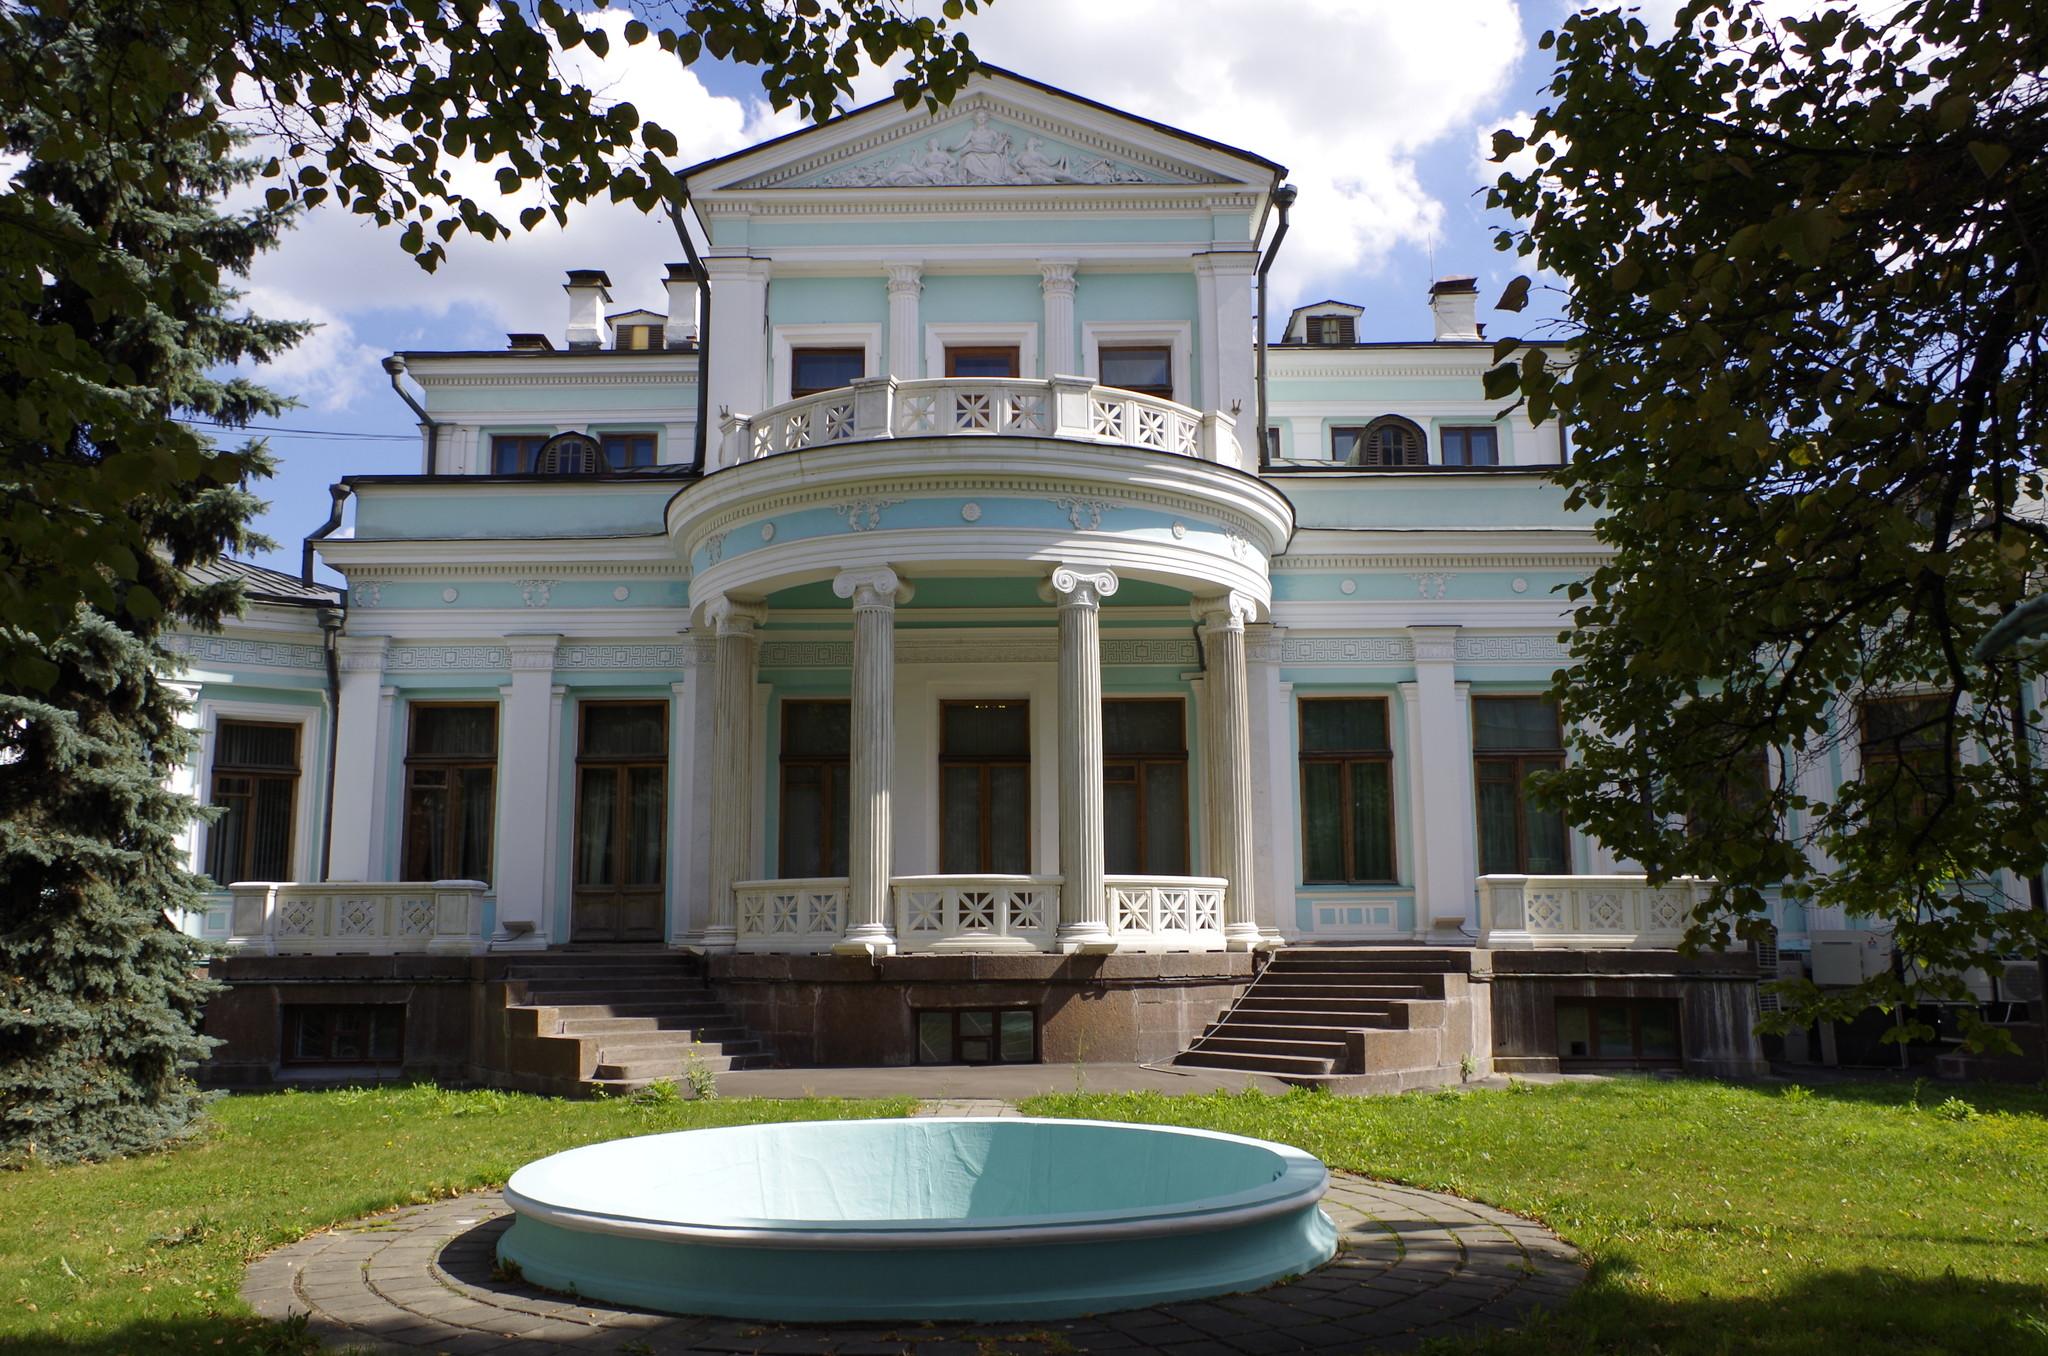 Особняк К.С. Попова (М.К. Морозовой) на Смоленском бульваре